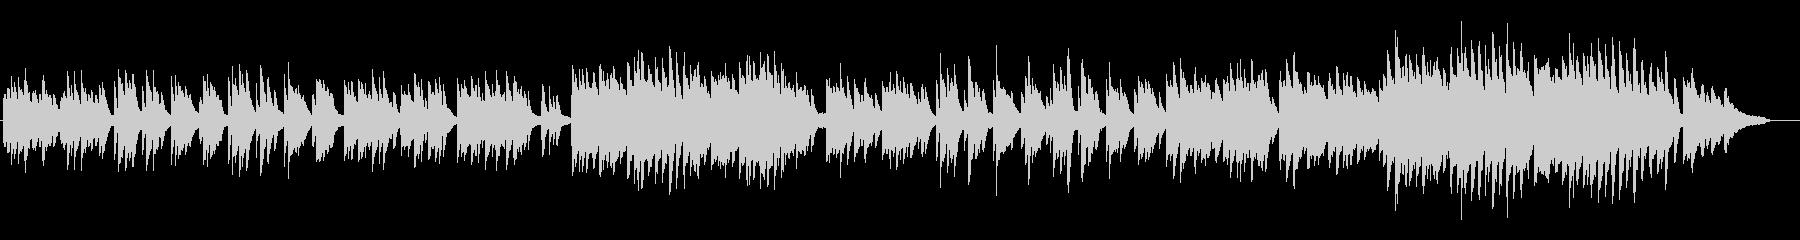 劇伴20A、ノスタルジック、ピアノ・ソロの未再生の波形